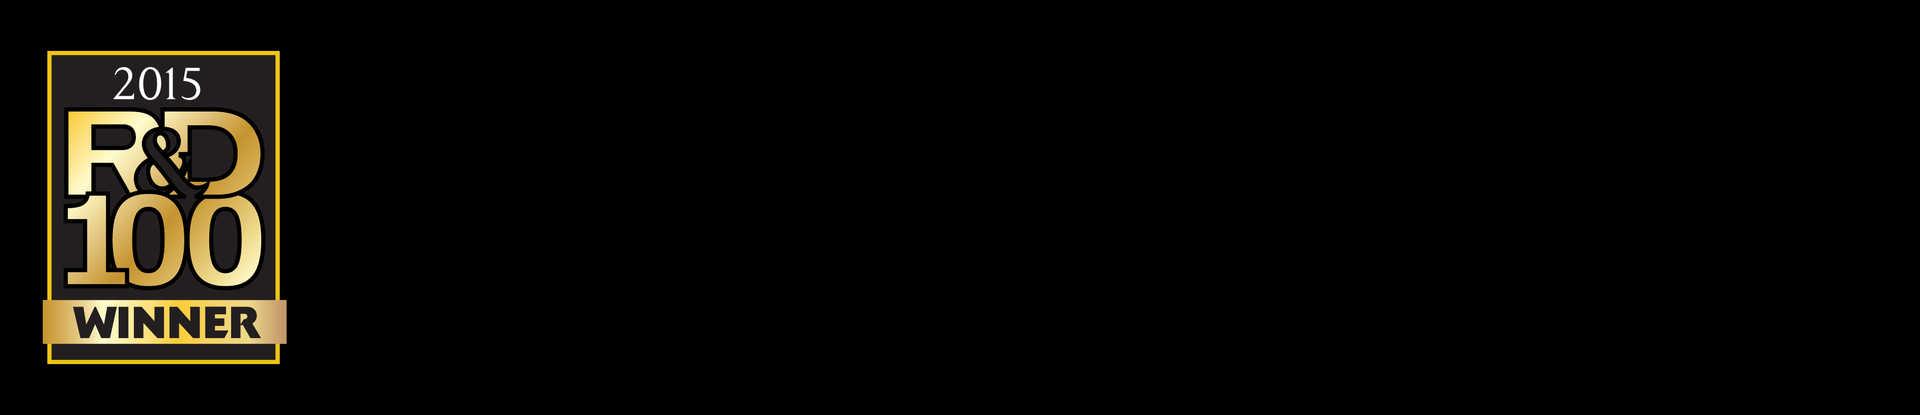 R&D 100 2015 Winner logo